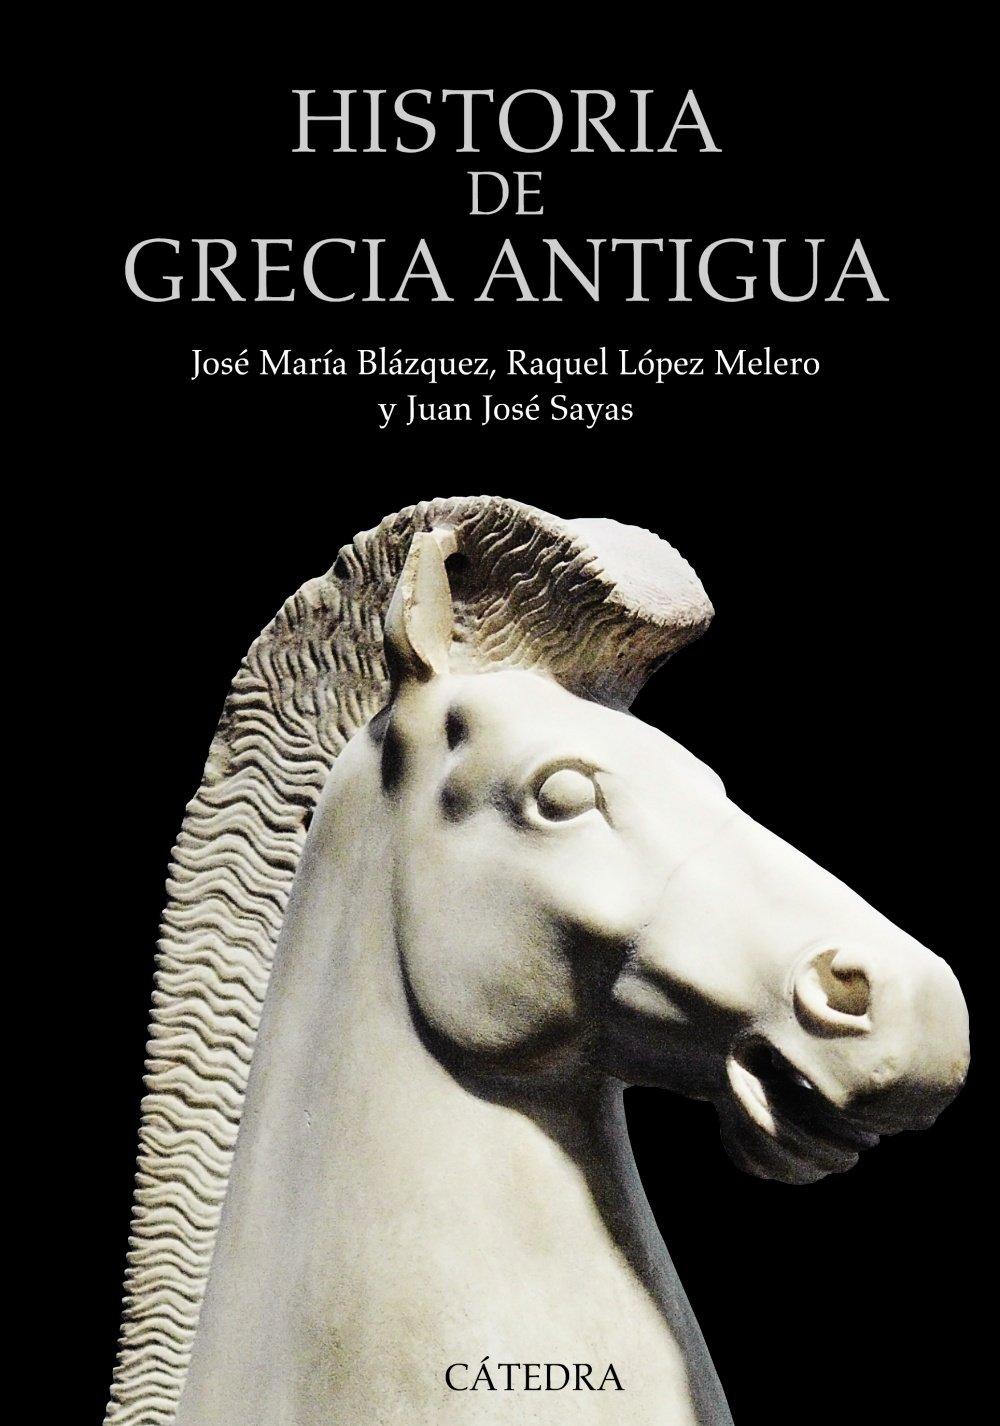 Historia de Grecia Antigua (Historia. Serie Mayor) Tapa blanda – 27 nov 2012 Raquel López Melero Juan José Sayas José María Blázquez Ediciones Cátedra